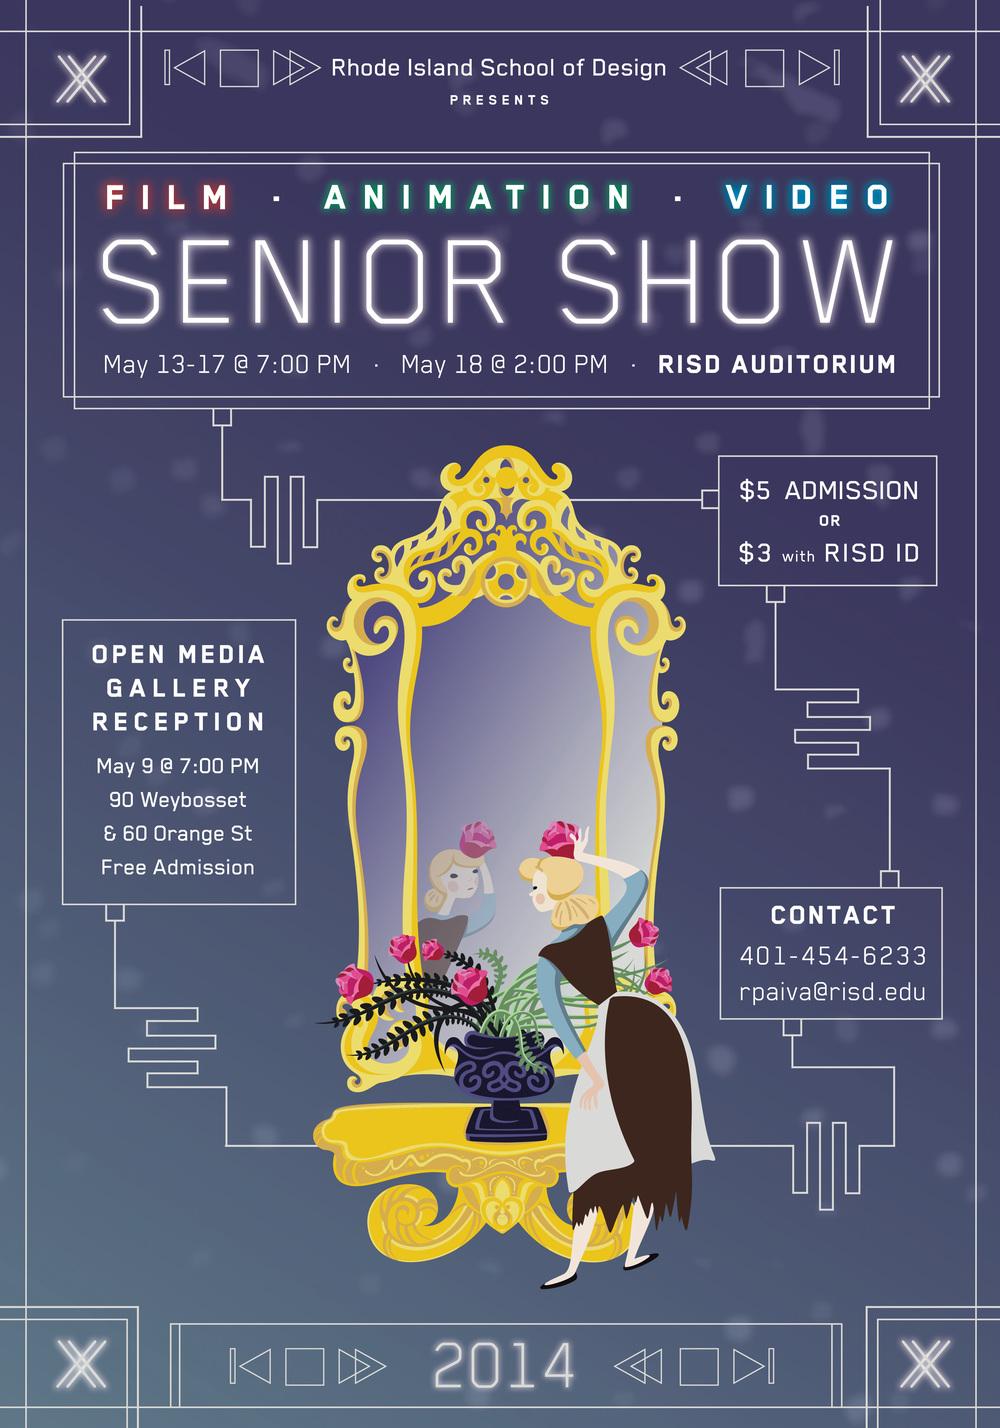 Senior-Show-Poster-1UGH_o.jpg